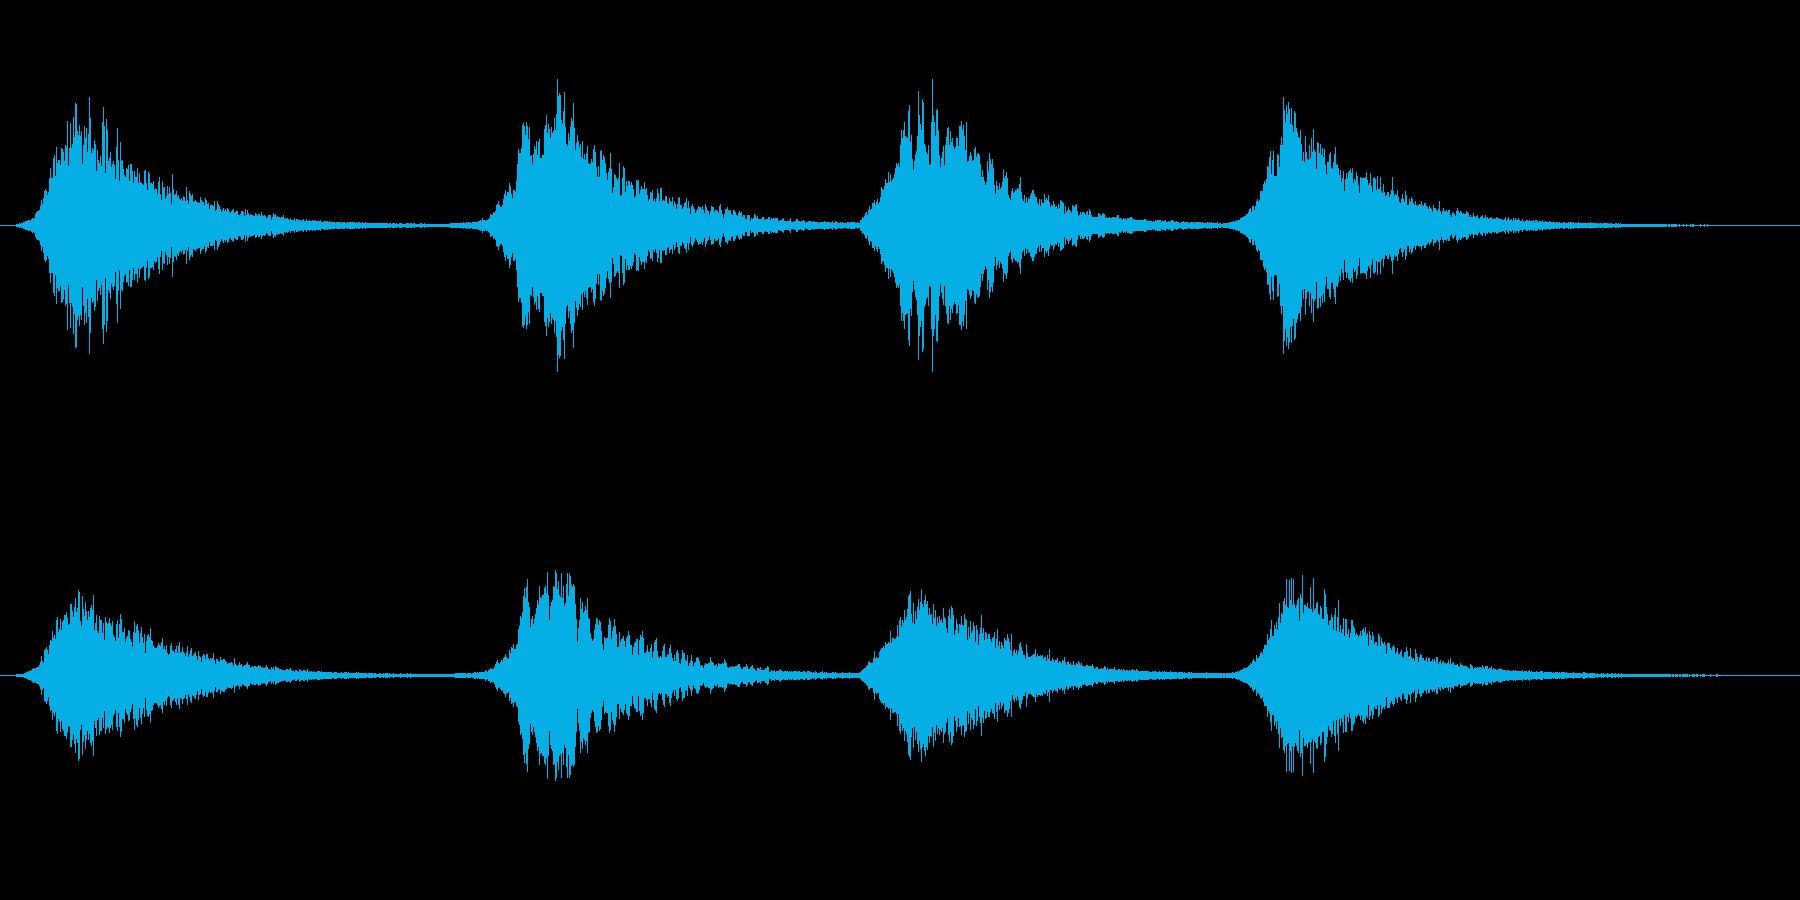 メタルブレス1の再生済みの波形